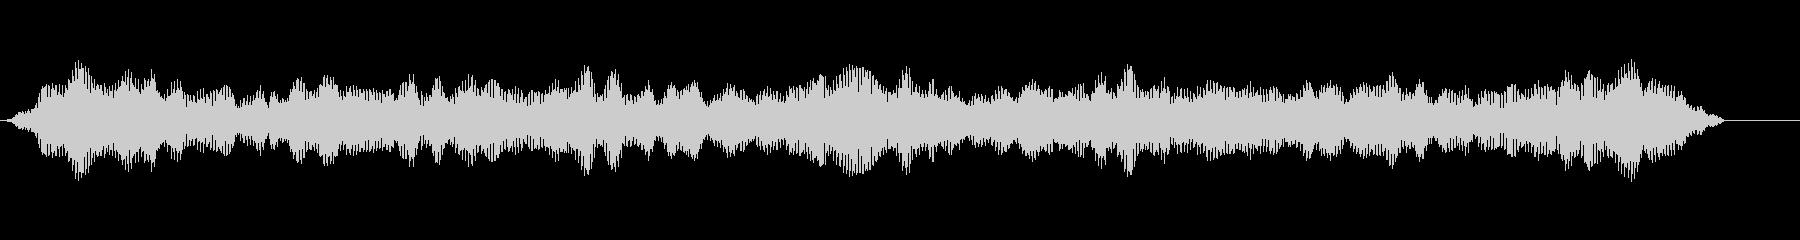 低音域のドローン低音の未再生の波形